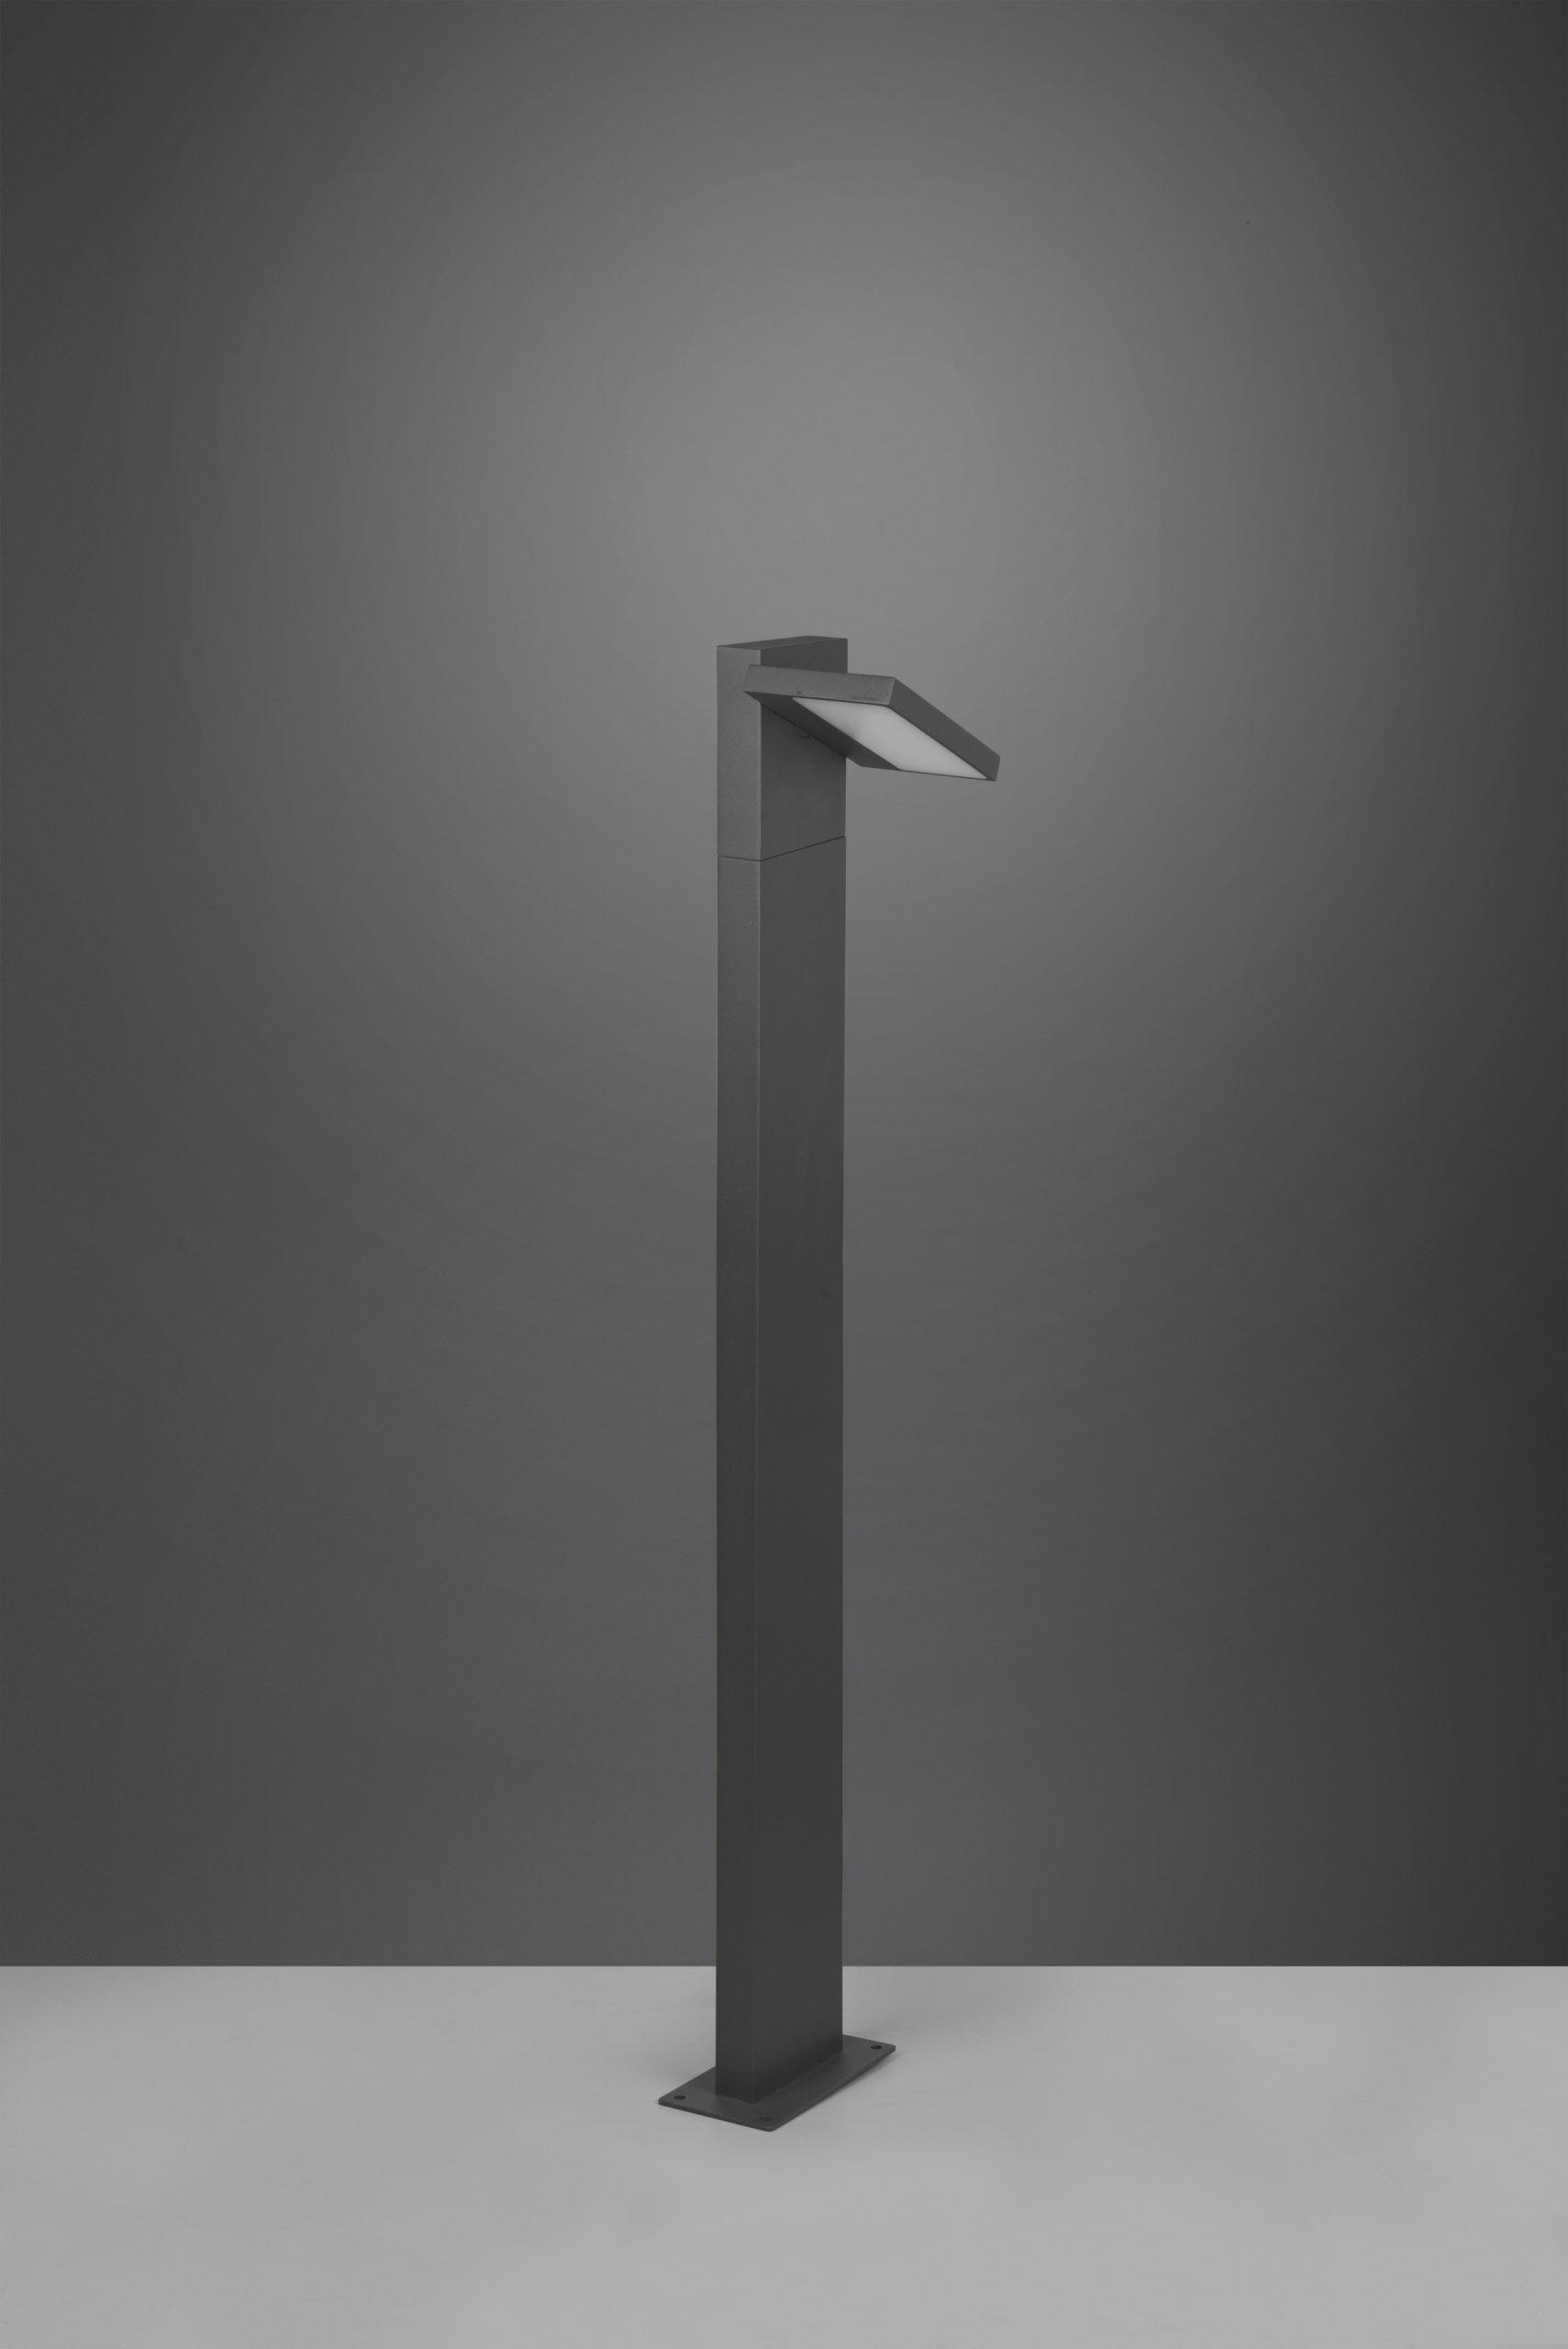 Potelet extérieur orientable, version grande, SMD LED, 8W · 1x 1000lm, 3000K